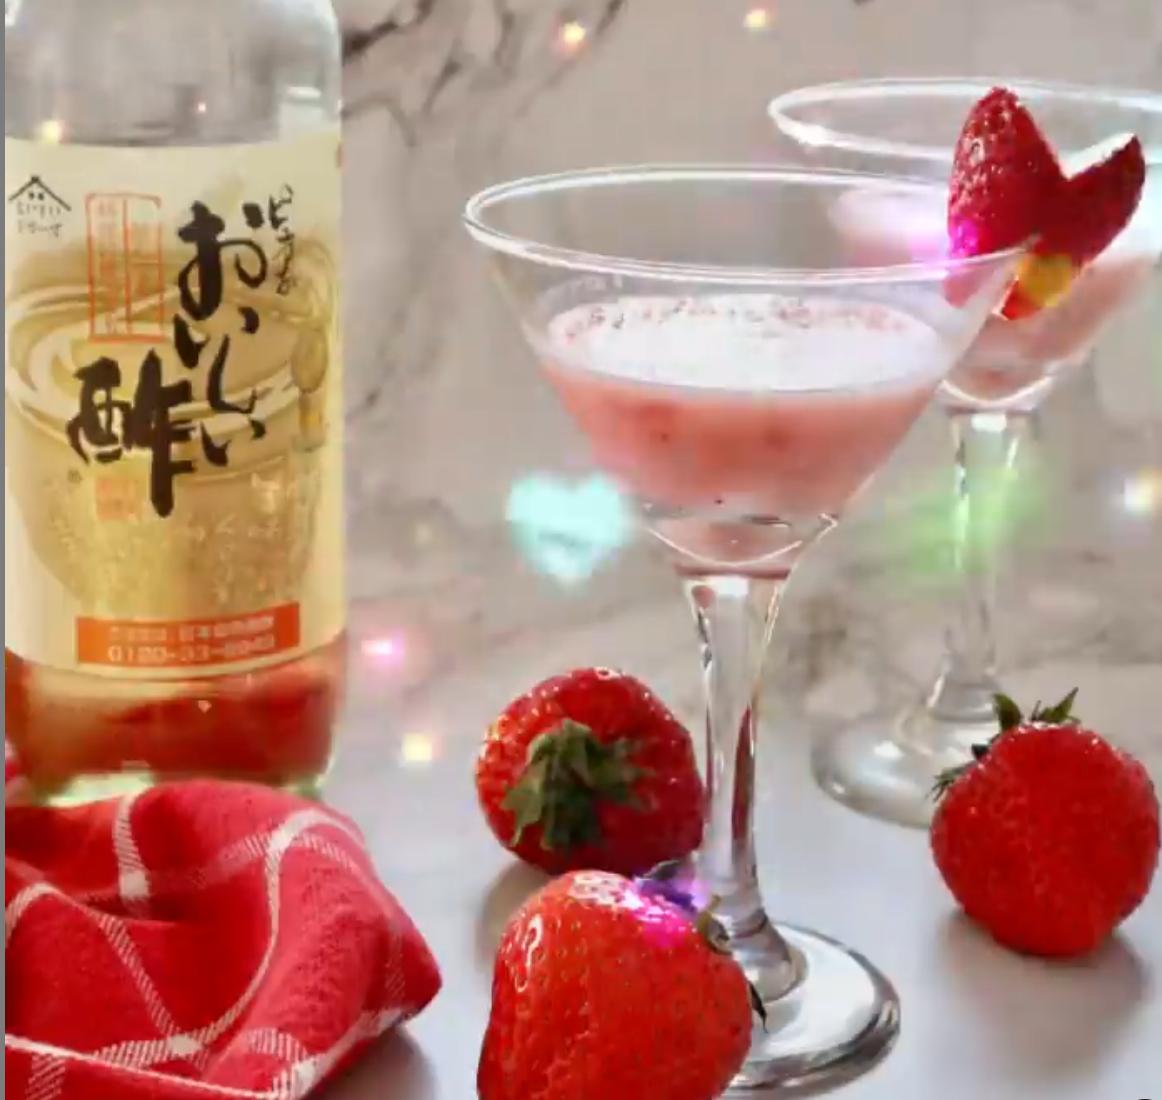 (レシピ)おいしい酢苺甘酒